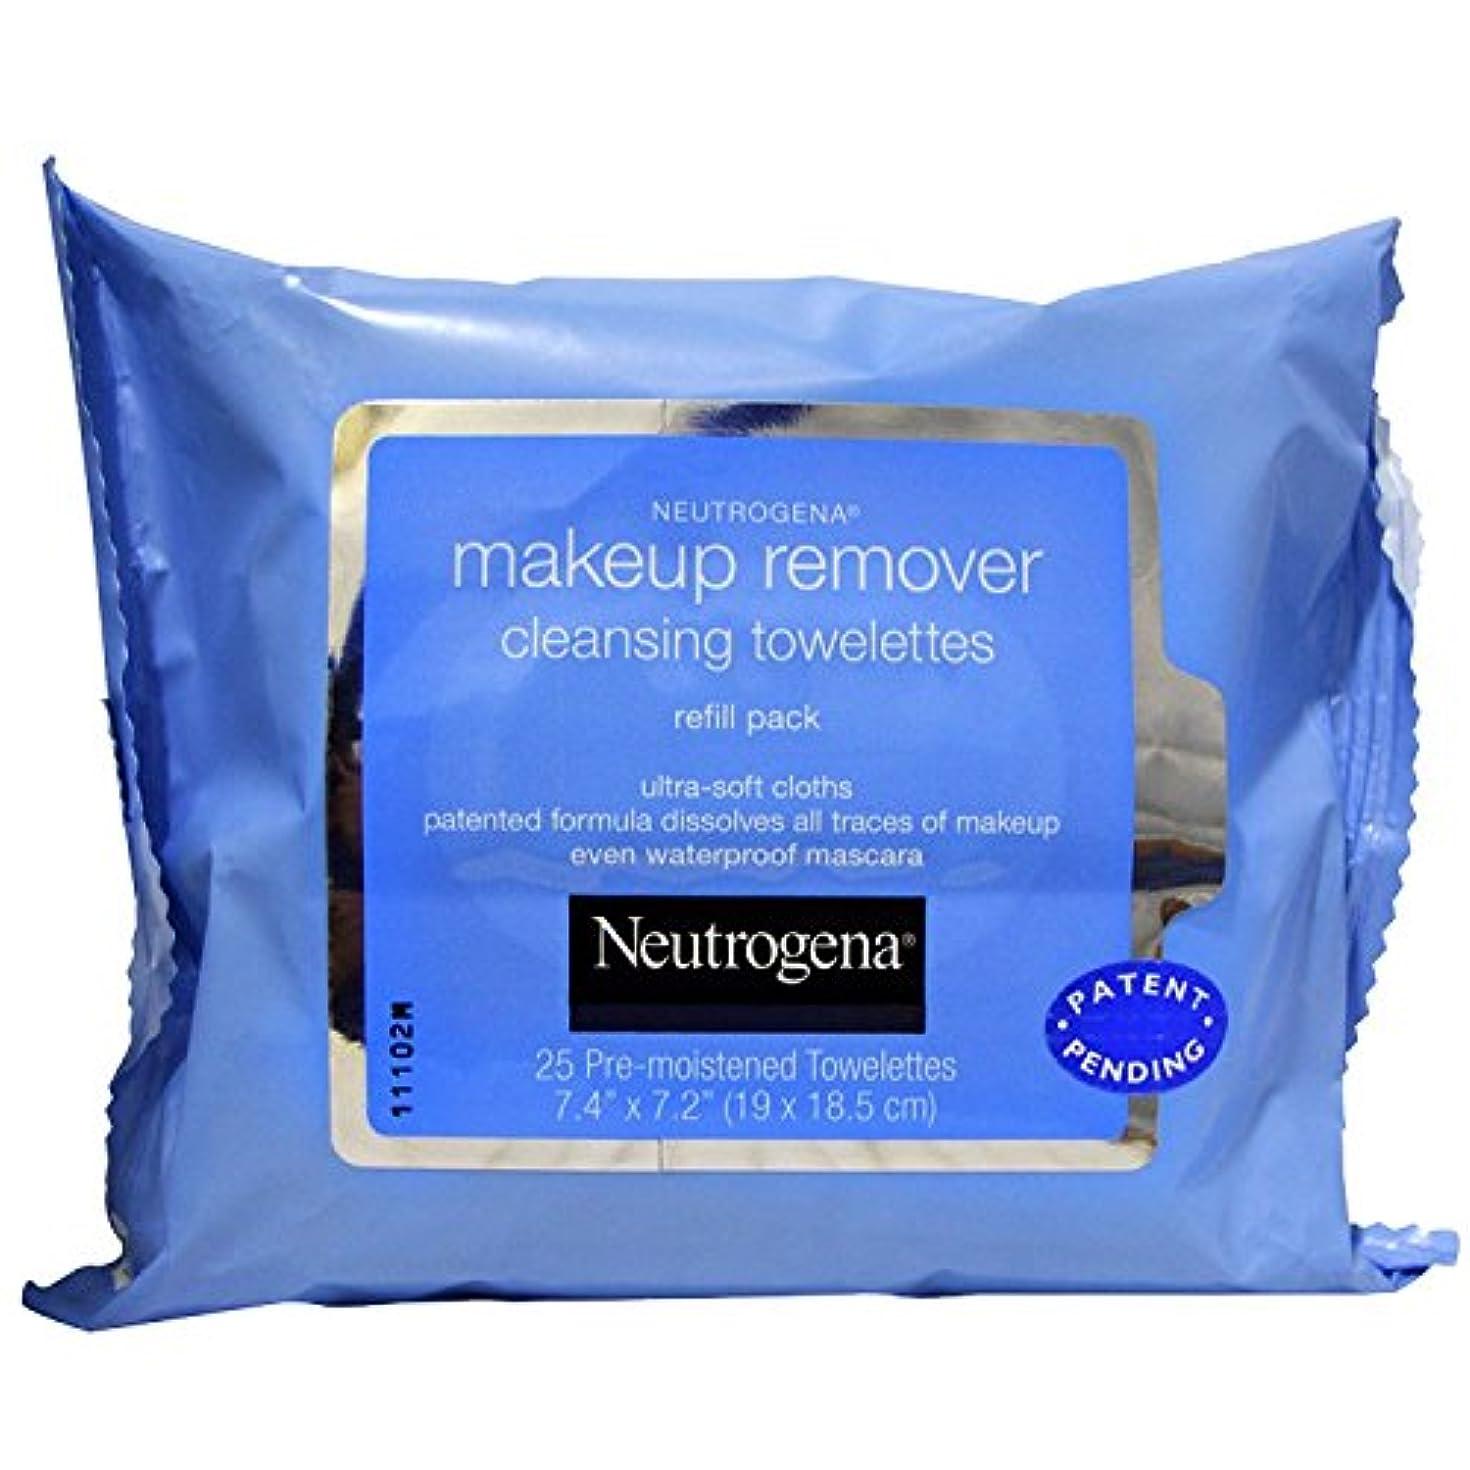 浸した懺悔バタフライNEUTROGENA Makeup Remover Cleansing Towelettes Refill Pack - 25 Count - 25 Towelettes